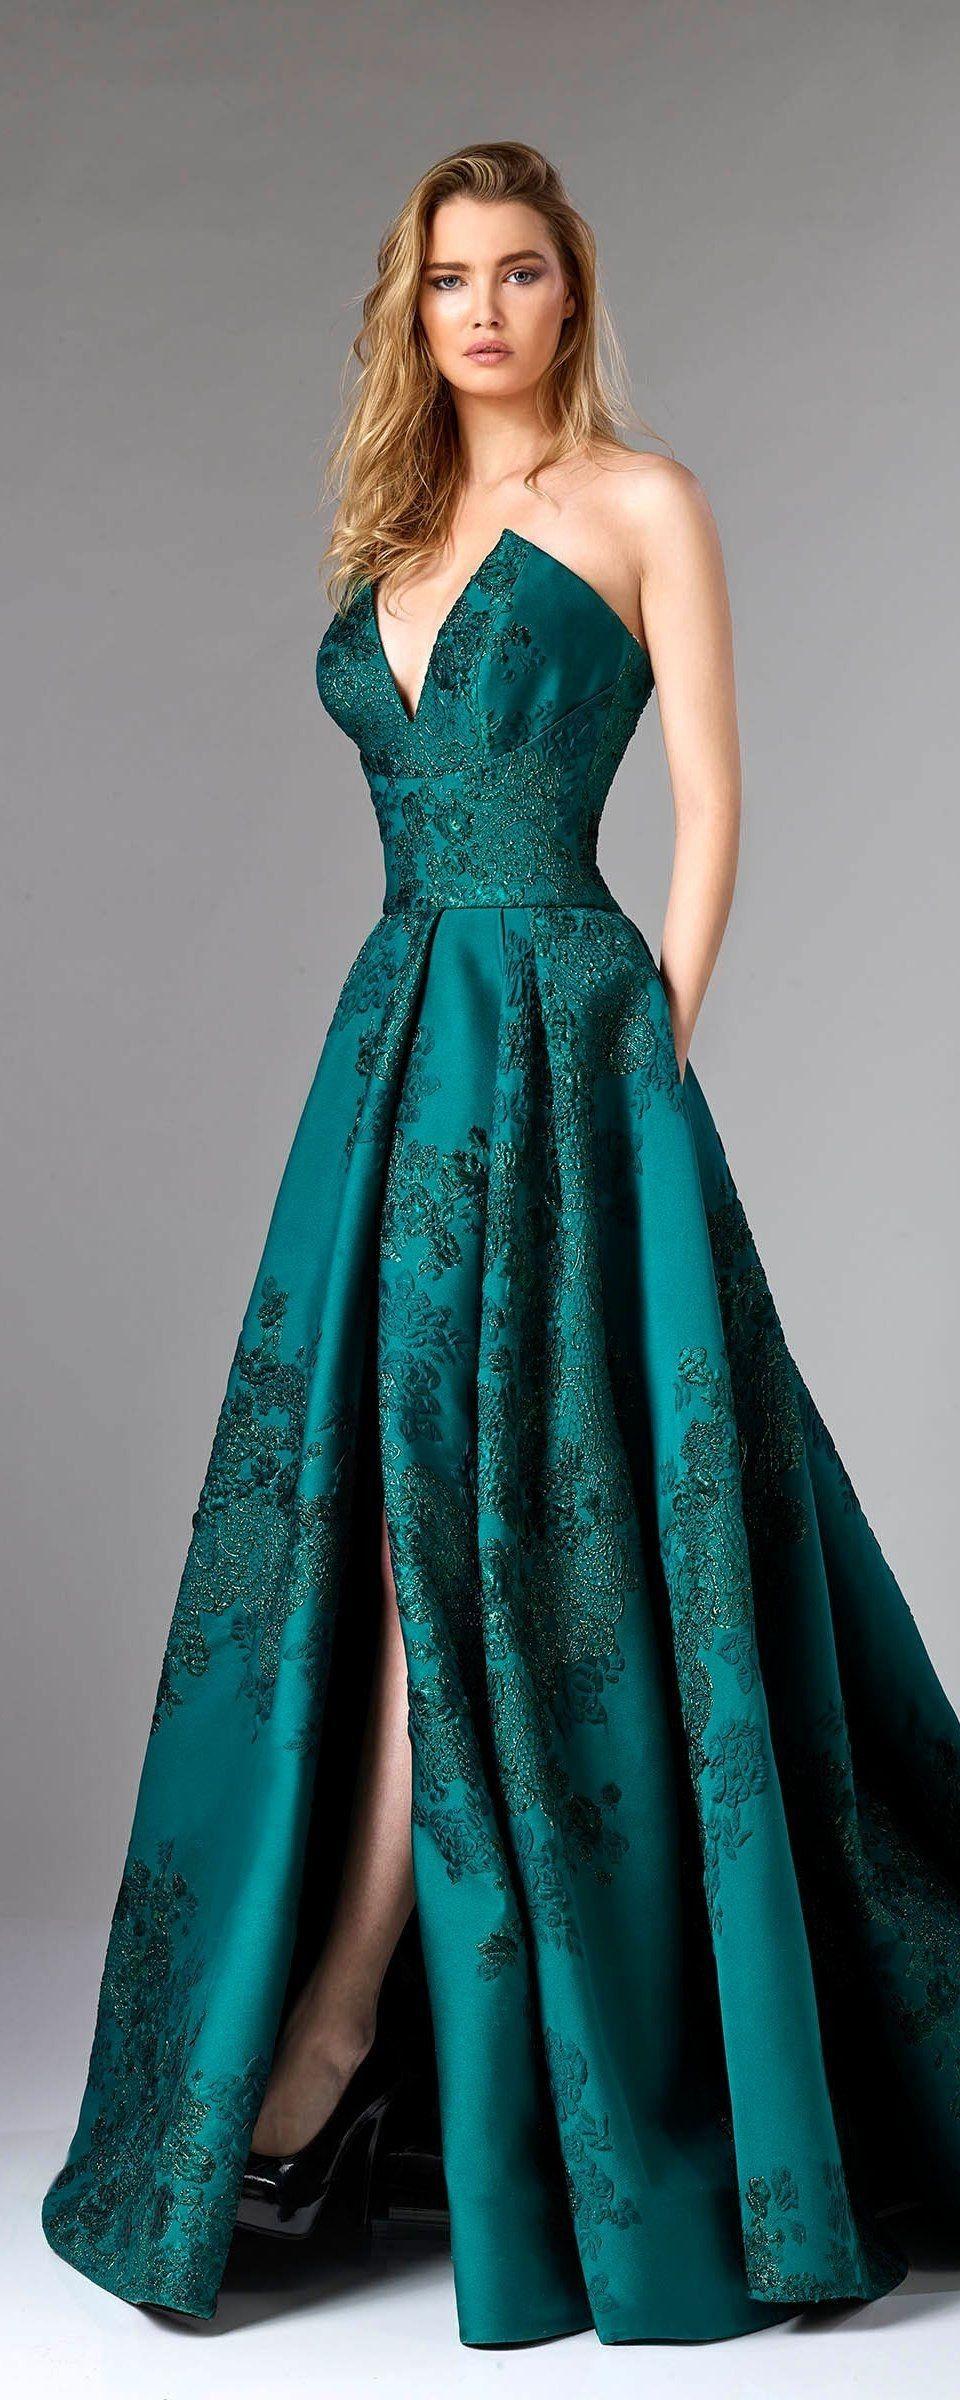 Vneck sleeveless prom dressopen back floor length party in